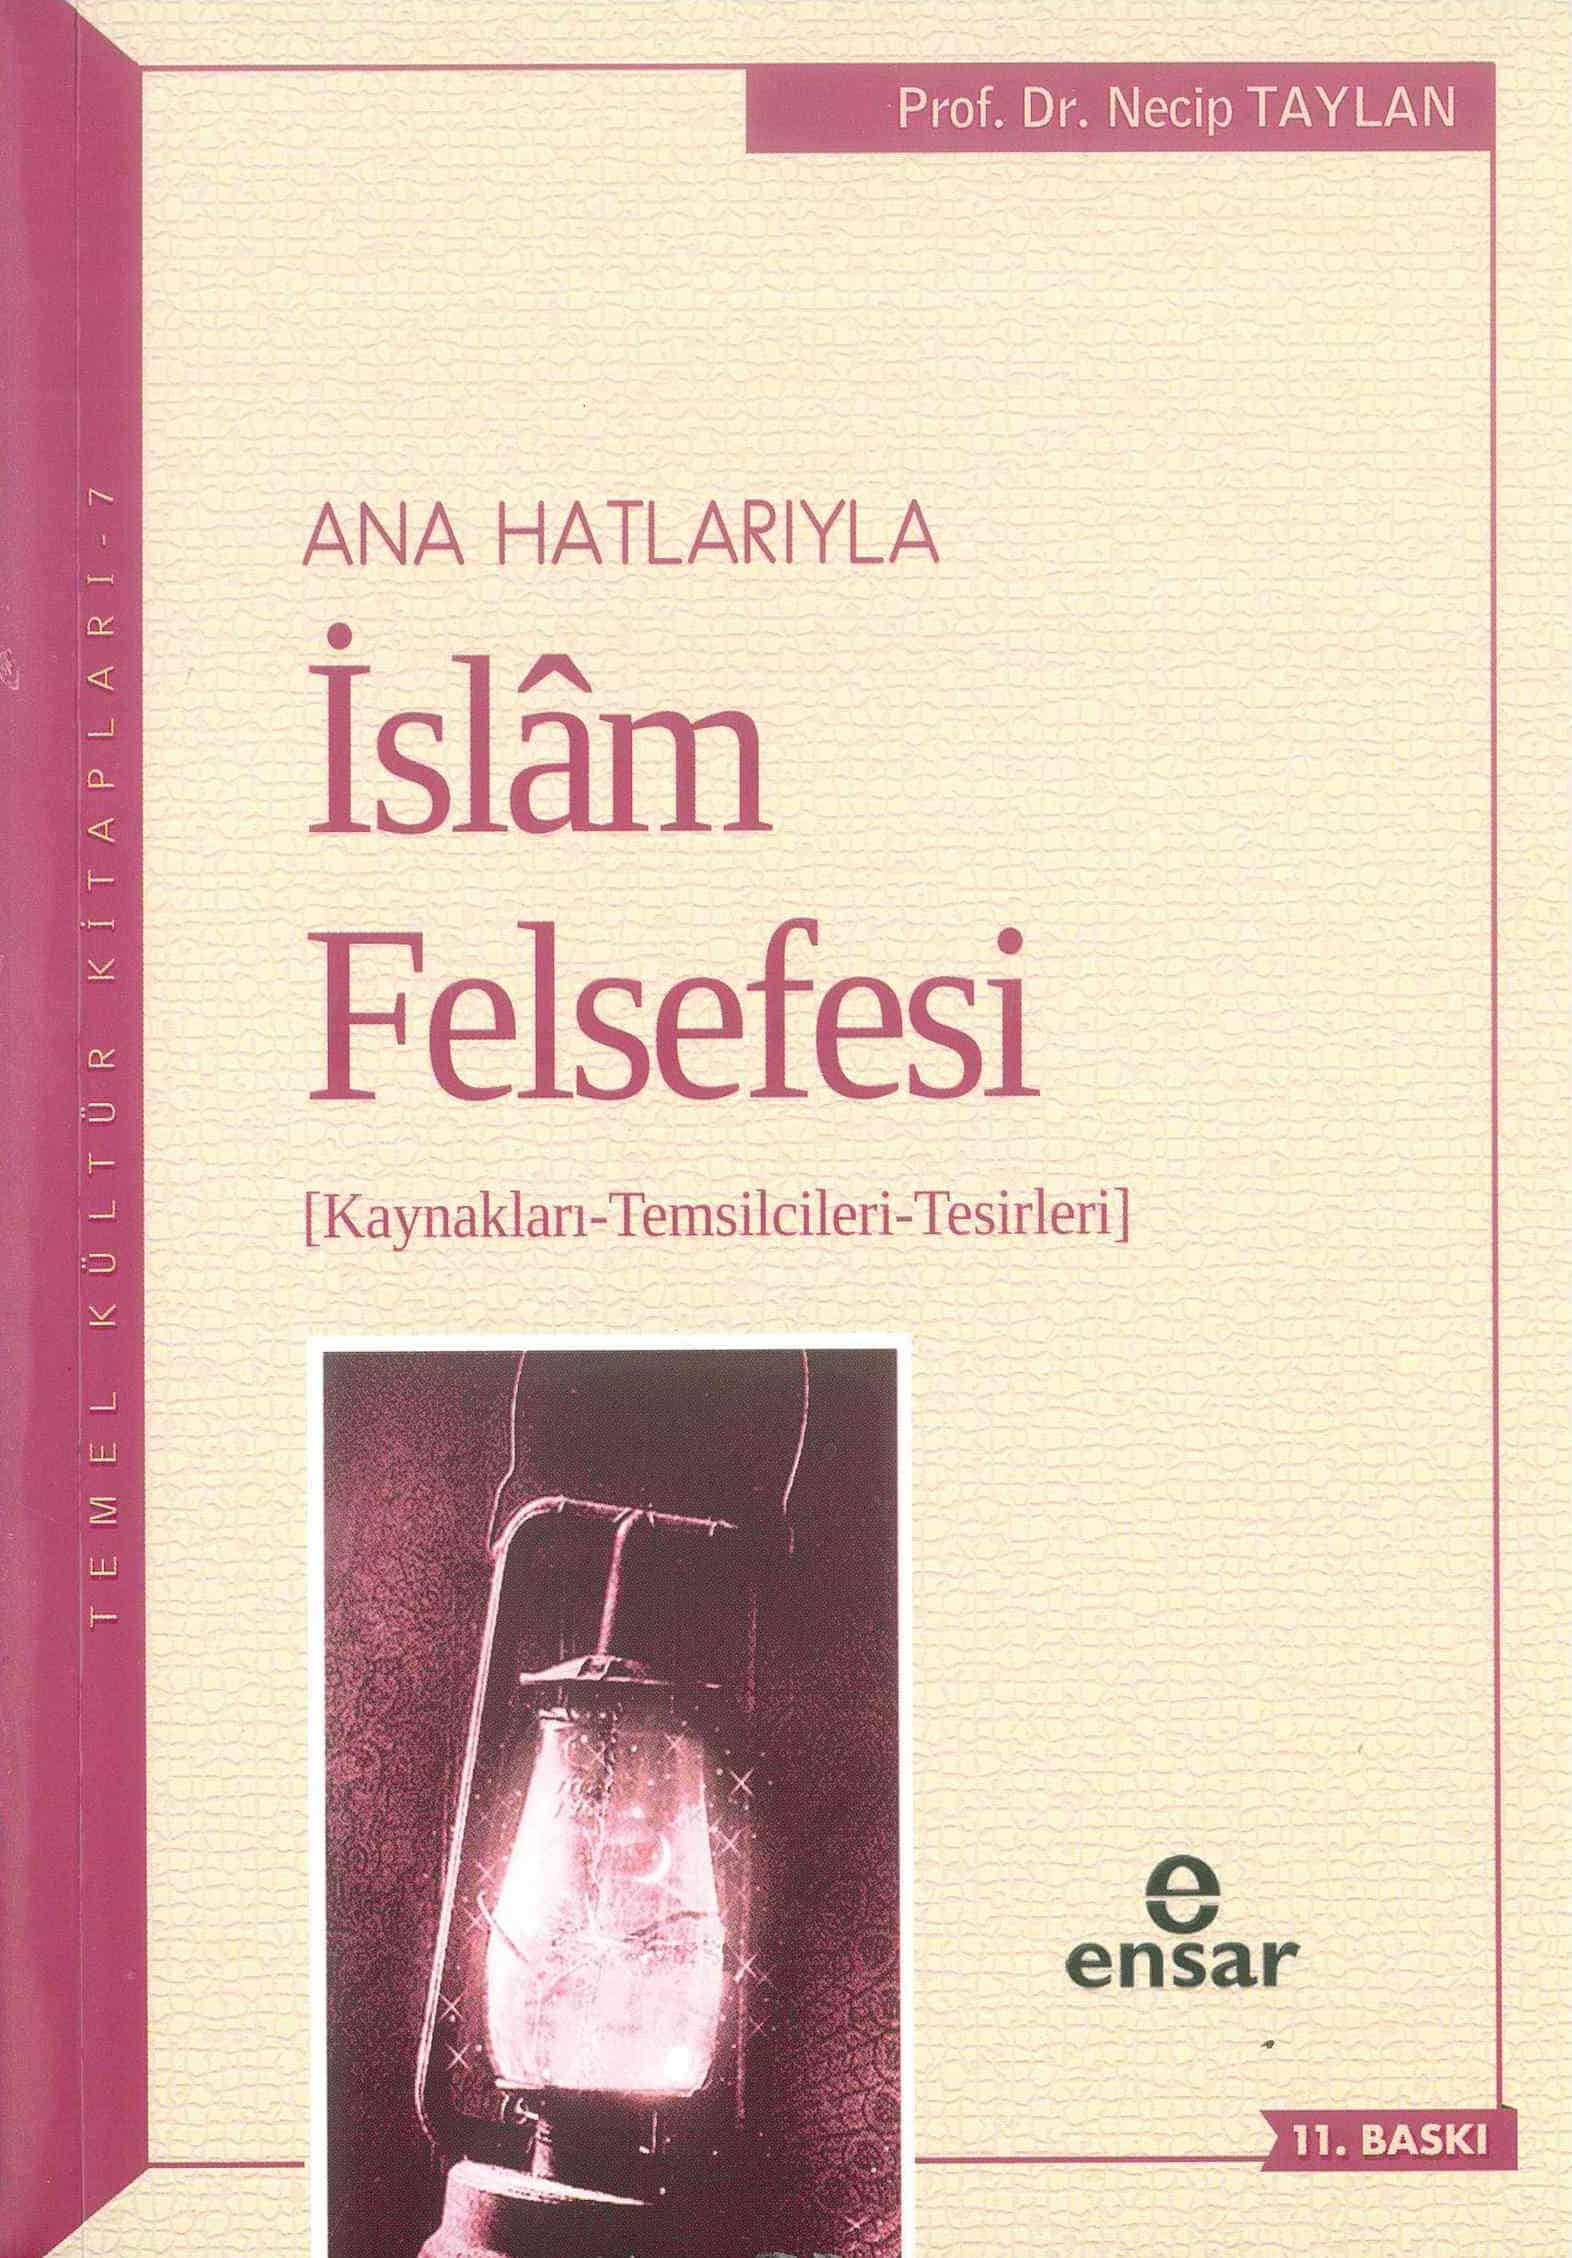 Anahatlarıyla İslam Felsefesi; Kaynakları-Temsilcileri-Tesirleri